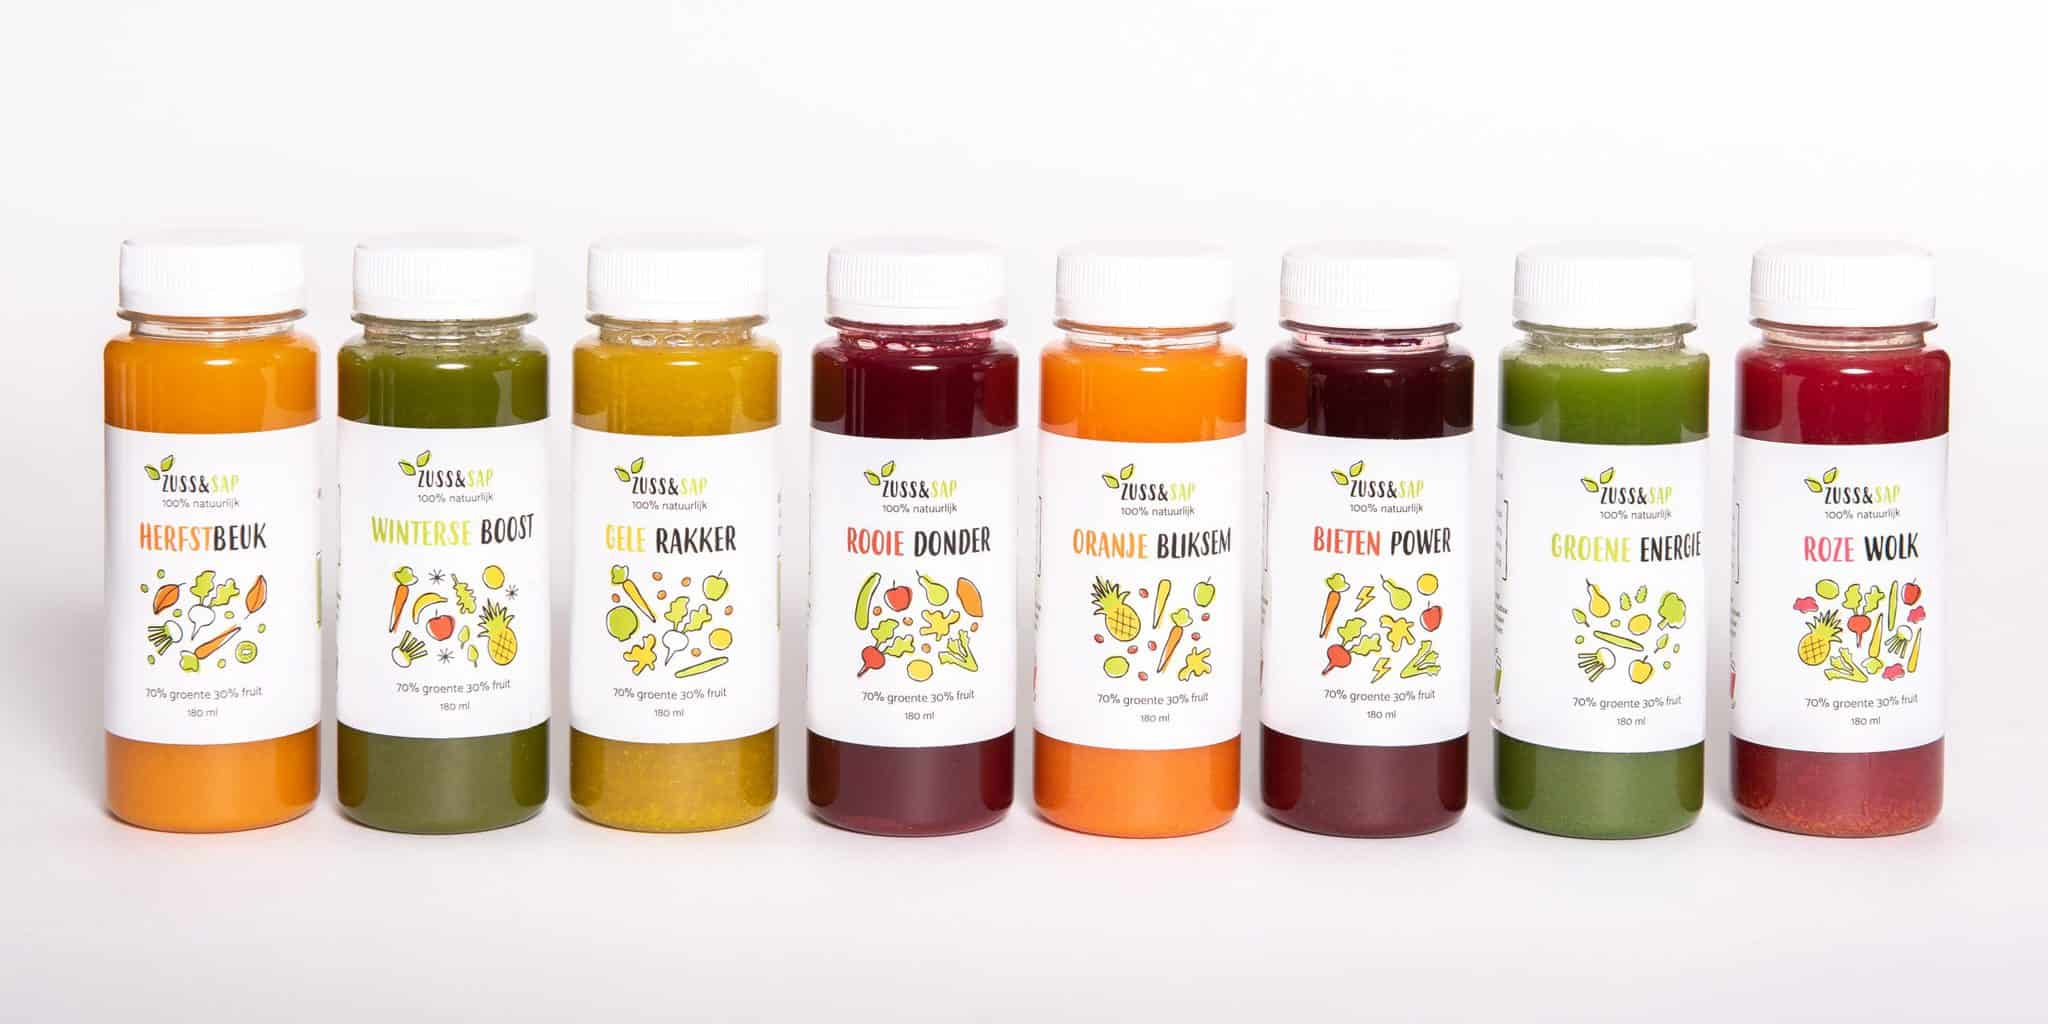 De voordelen van het drinken van groentesap